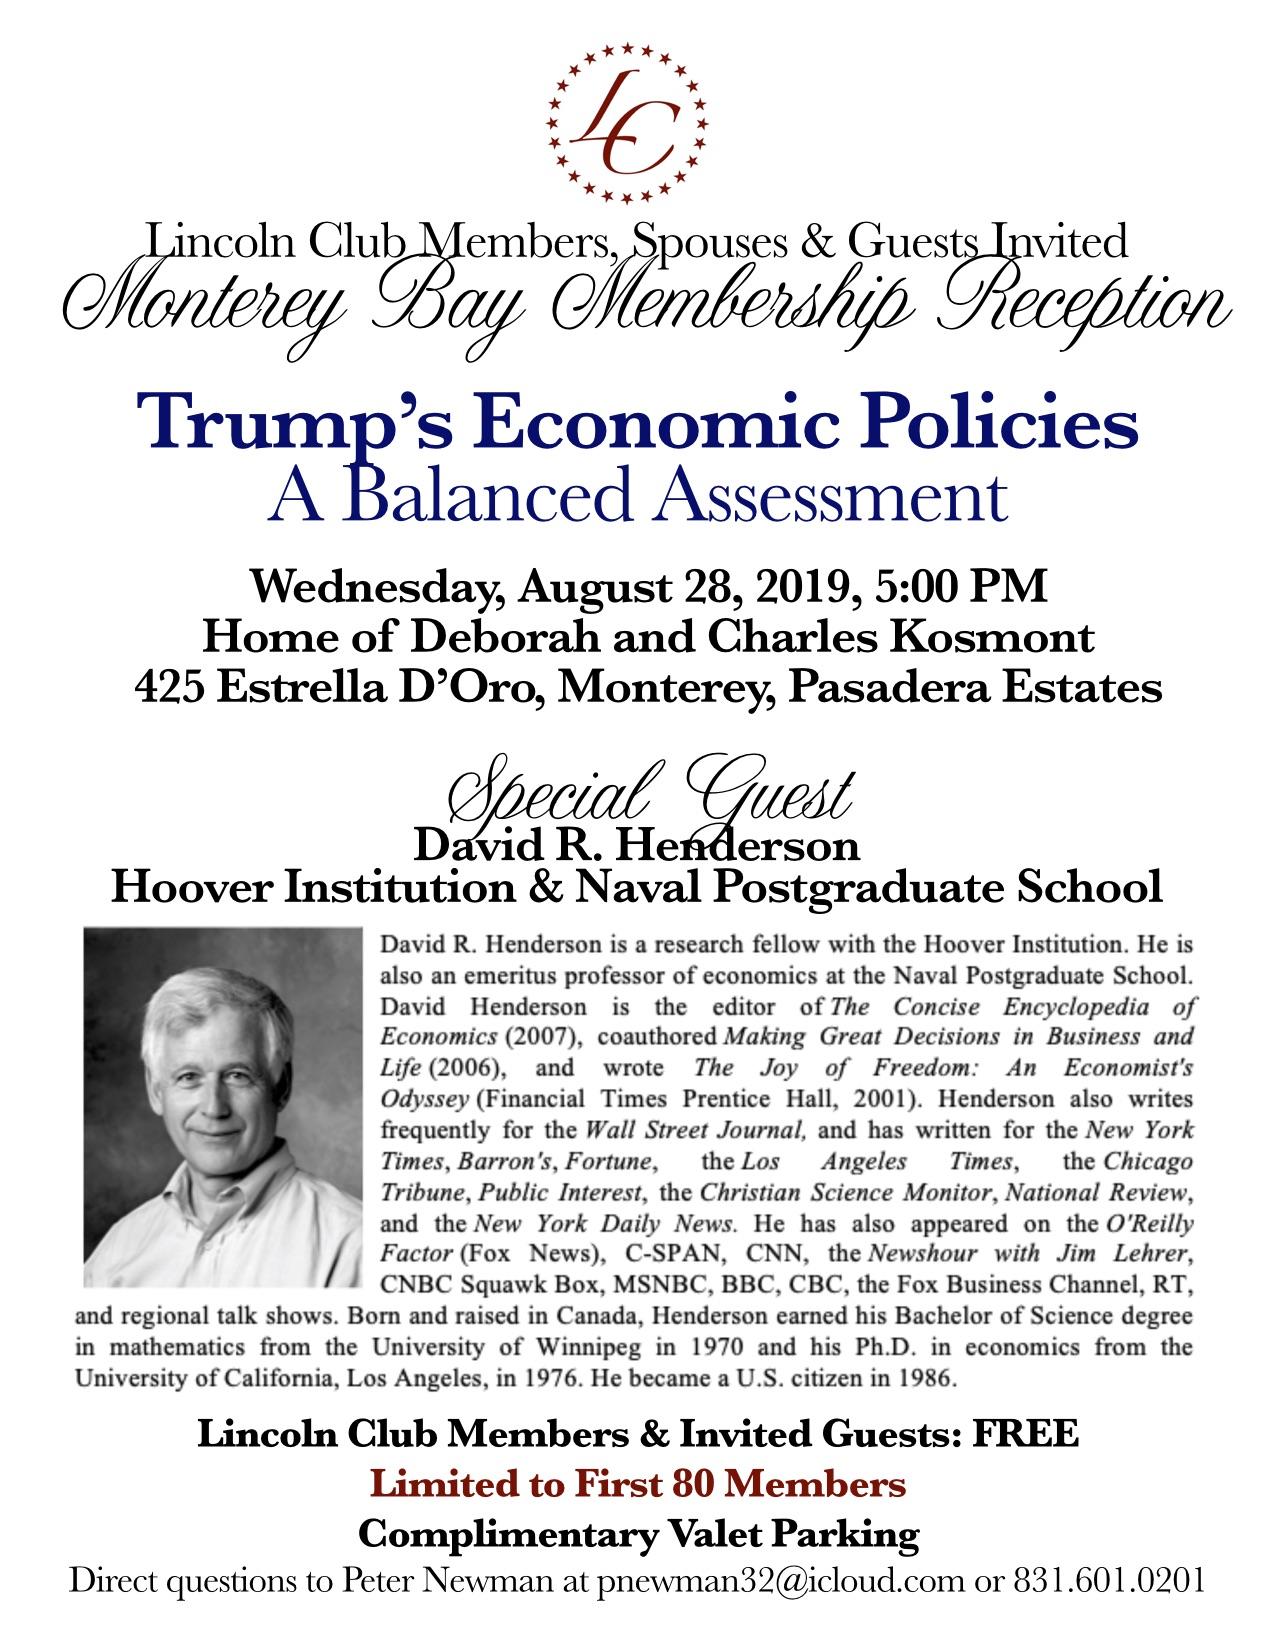 Henderson Invite